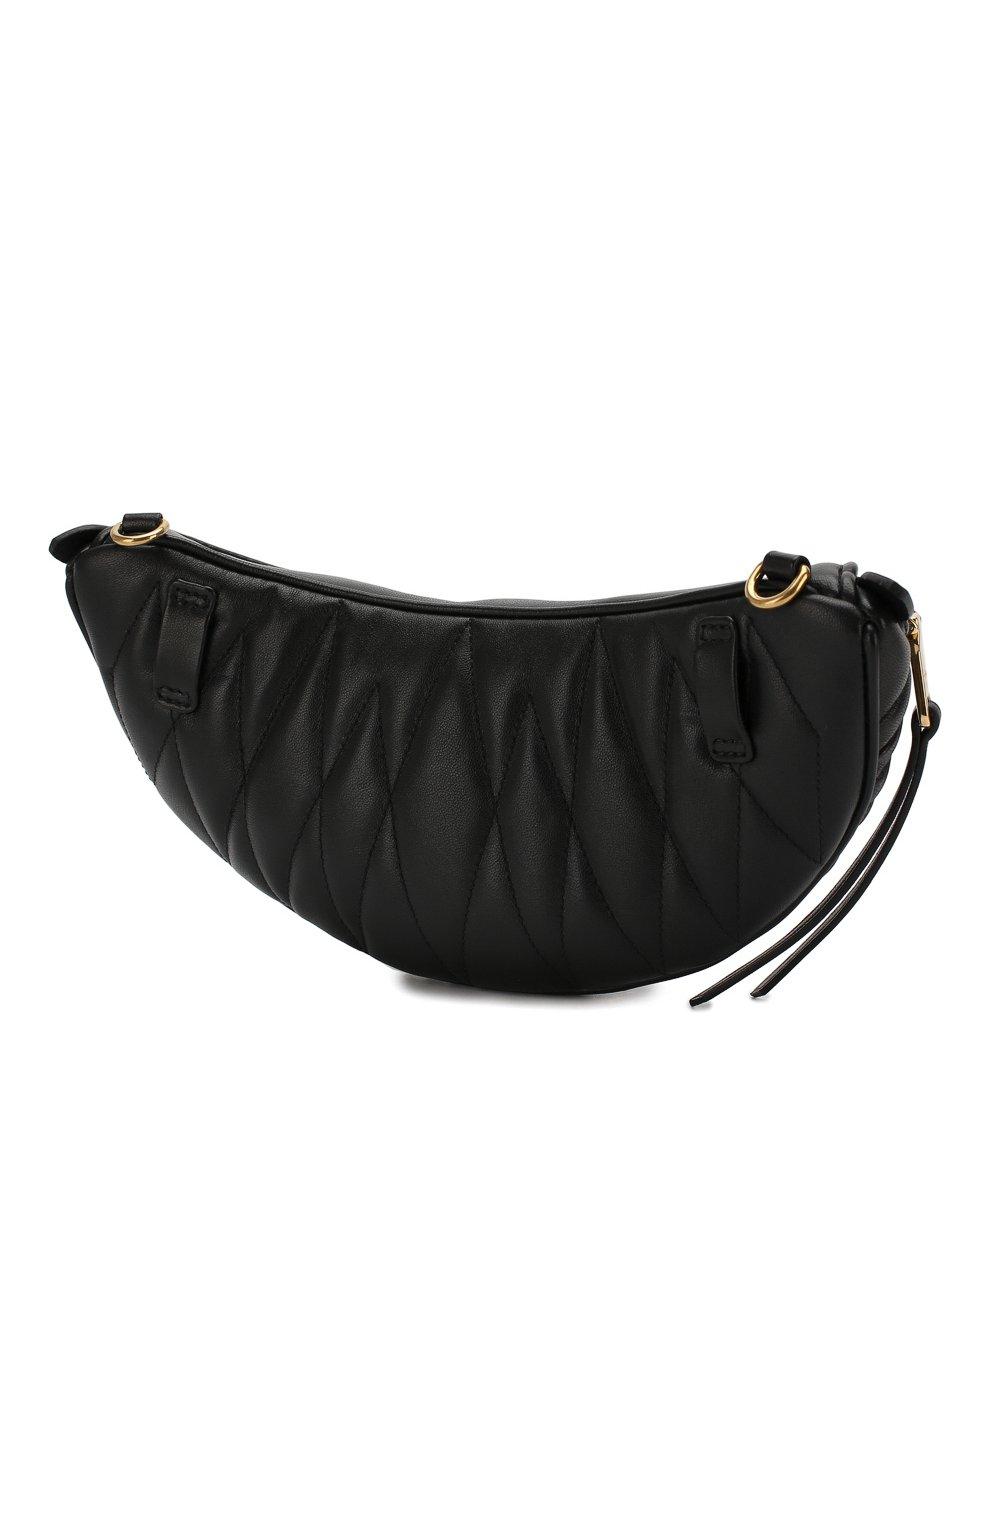 Женская поясная сумка MIU MIU черного цвета, арт. 5BL010-N88-F0002-OOO | Фото 3